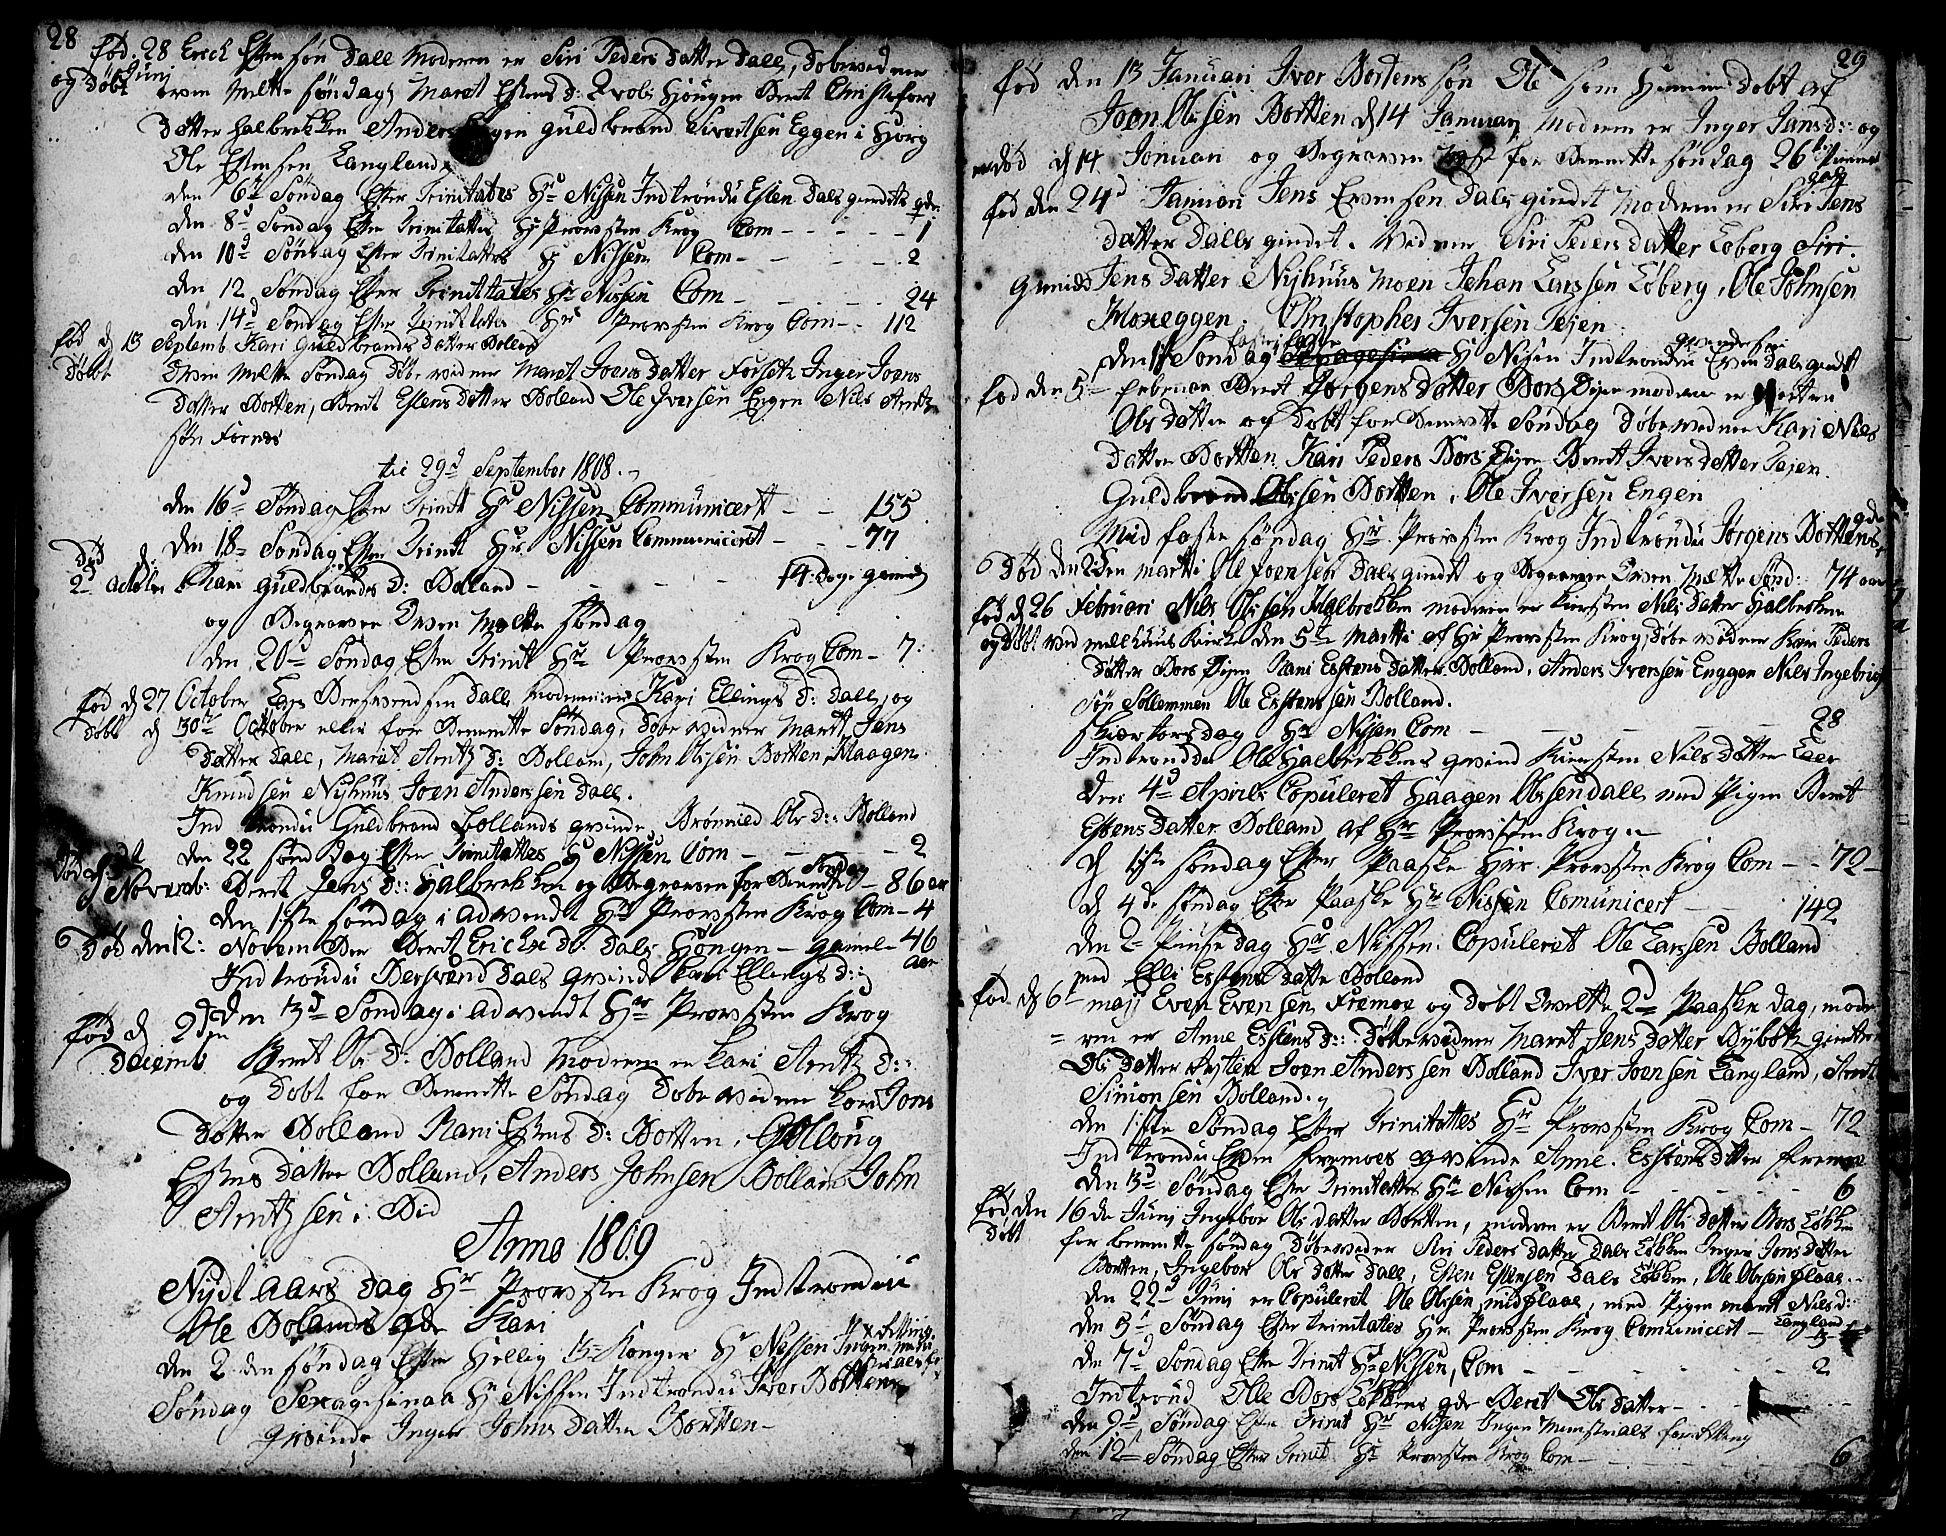 SAT, Ministerialprotokoller, klokkerbøker og fødselsregistre - Sør-Trøndelag, 693/L1120: Klokkerbok nr. 693C01, 1799-1816, s. 28-29